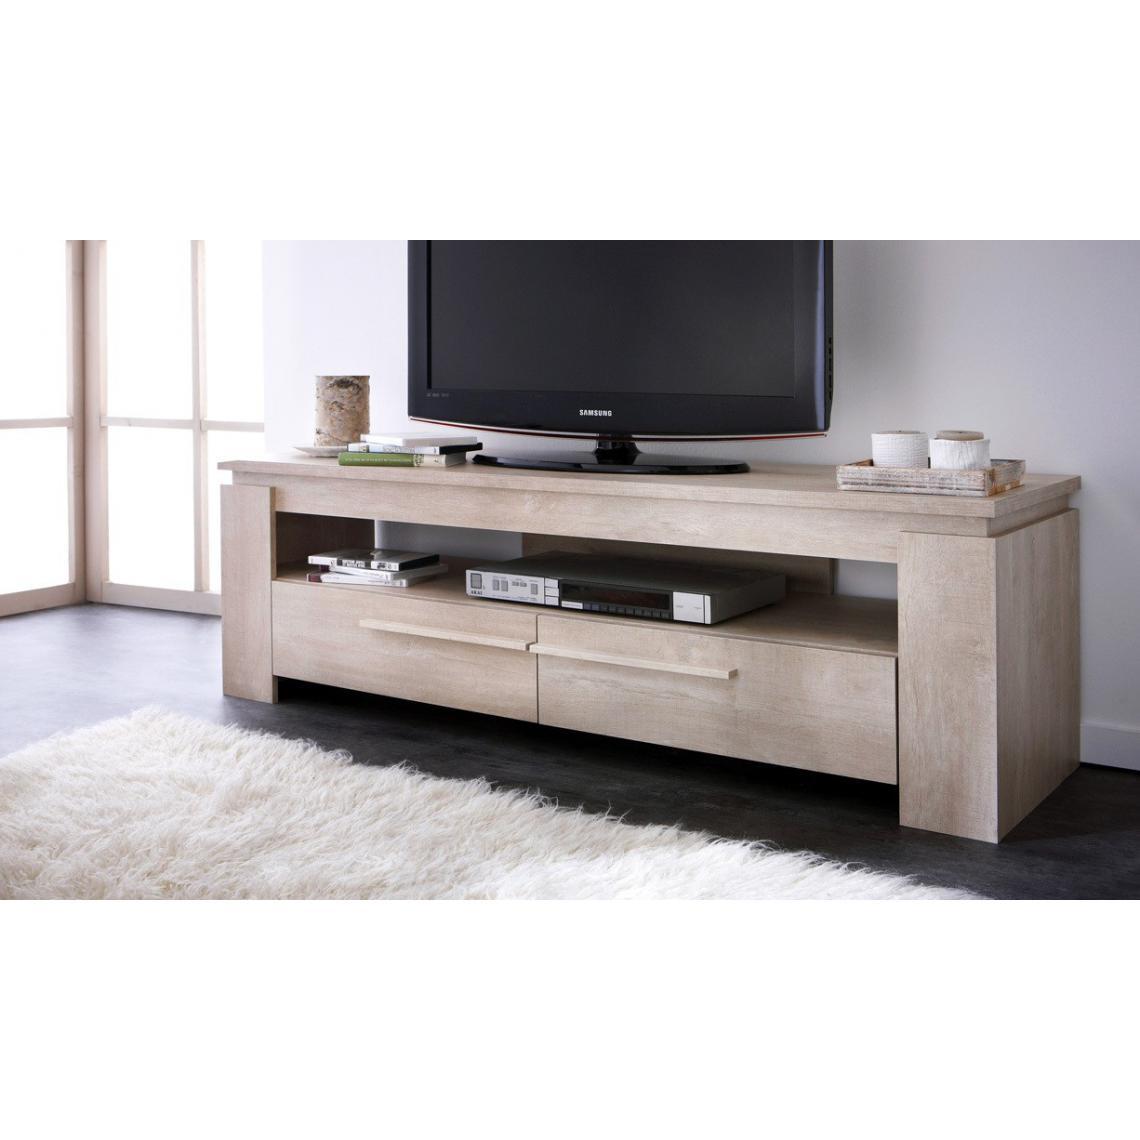 Meuble Tv Grande Taille meuble tv clovis plus de détails